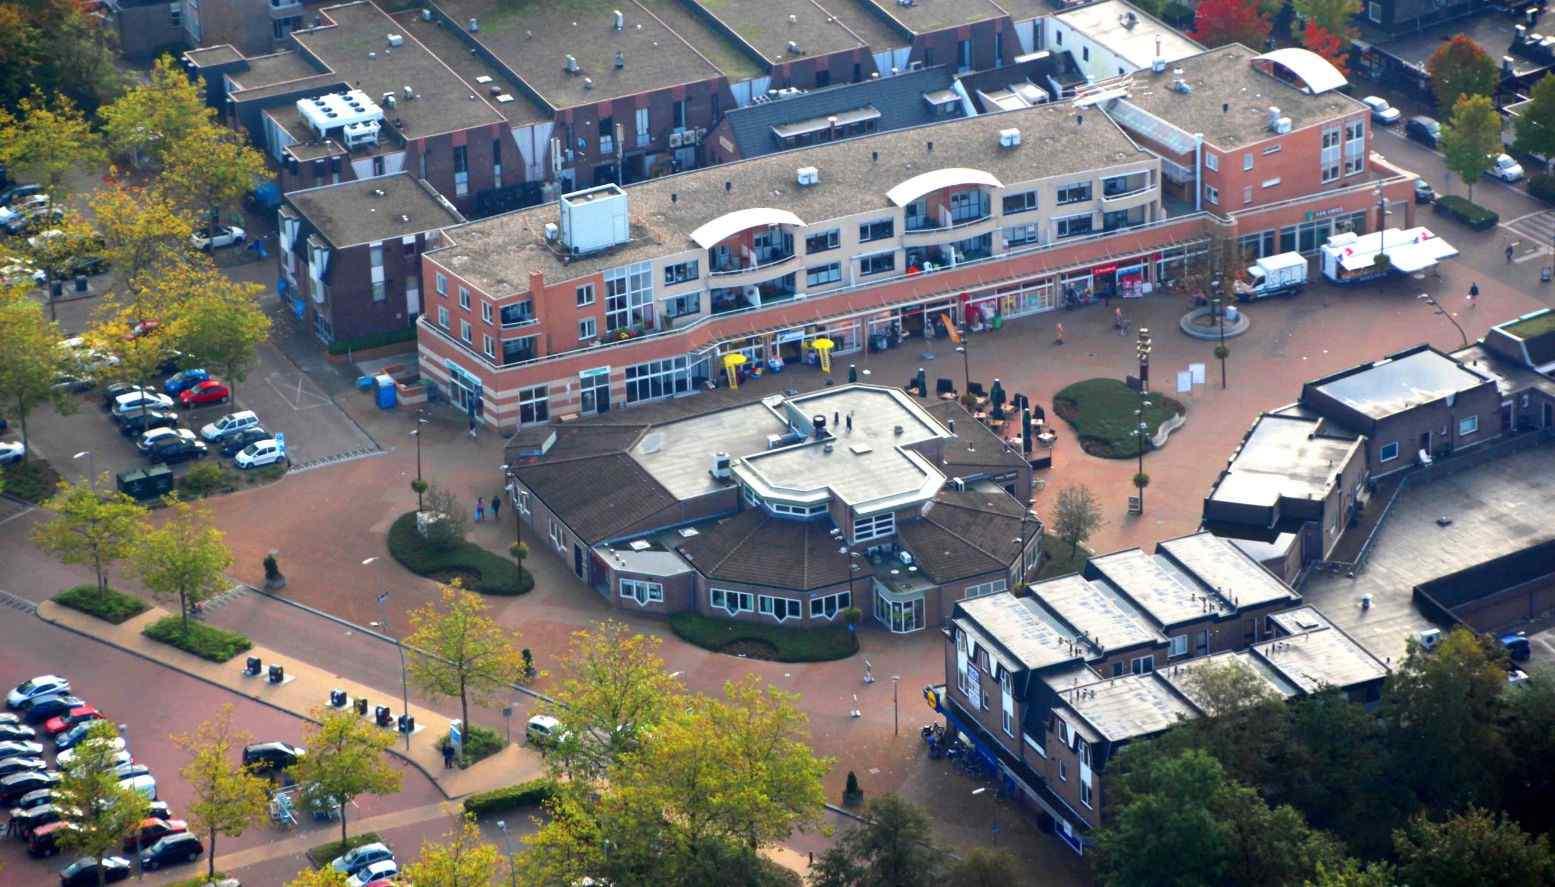 20141011a-Dorpshuis-De-Stuw-met-omgeving-Marcel-Schaap